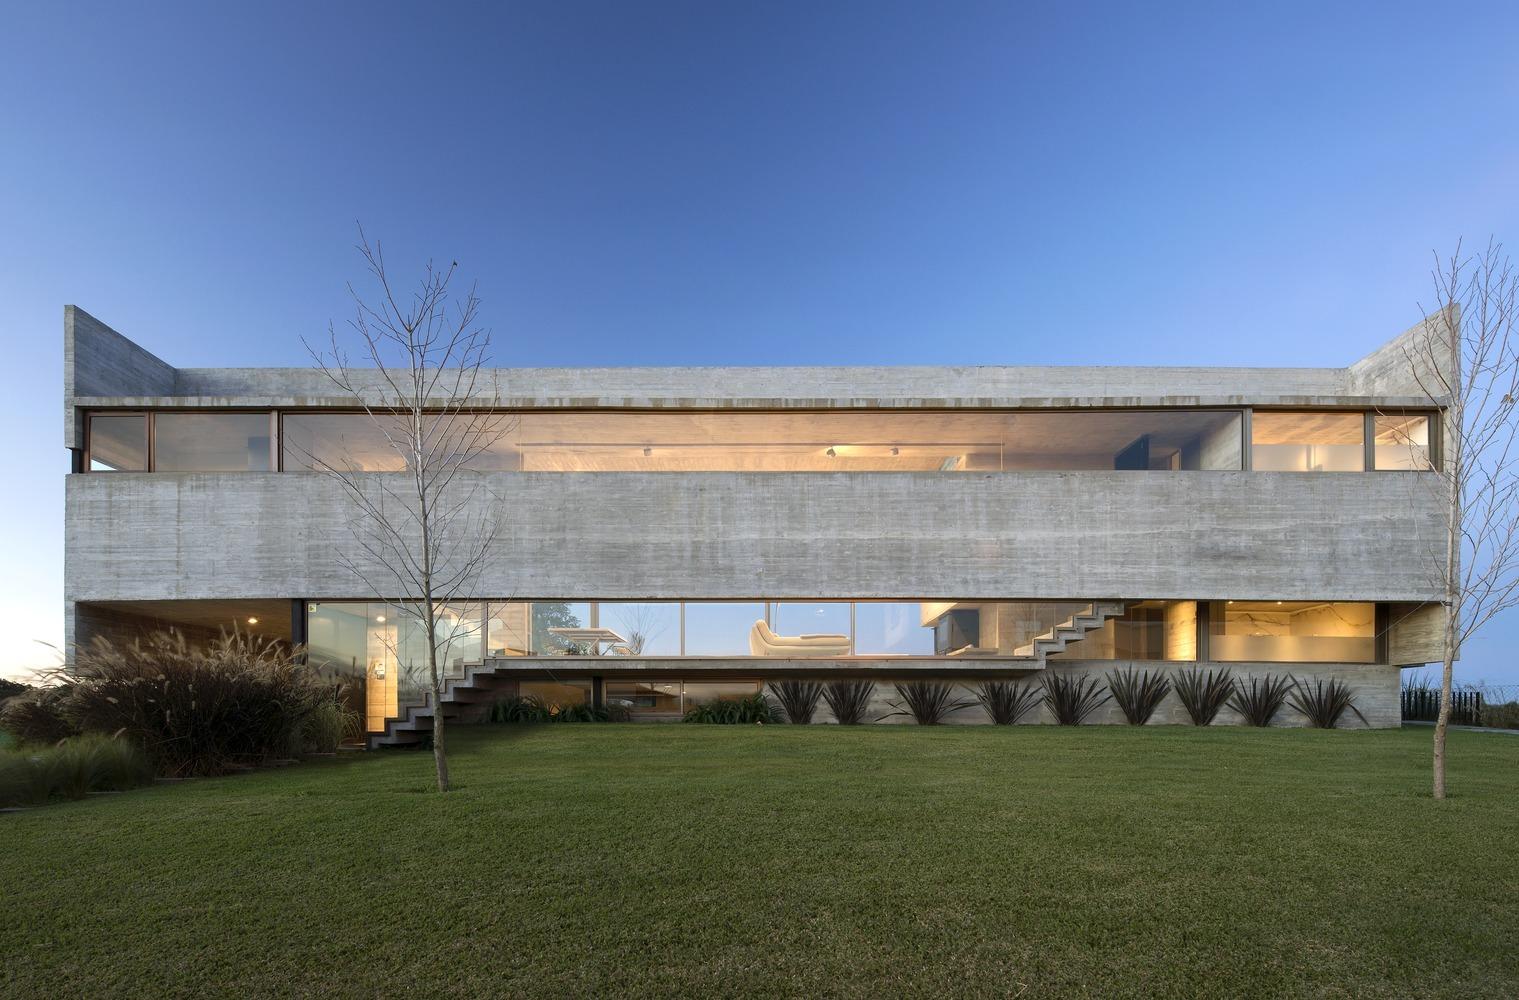 Os melhores projetos de arquitetura de 2020,© Daniela Mac Adden